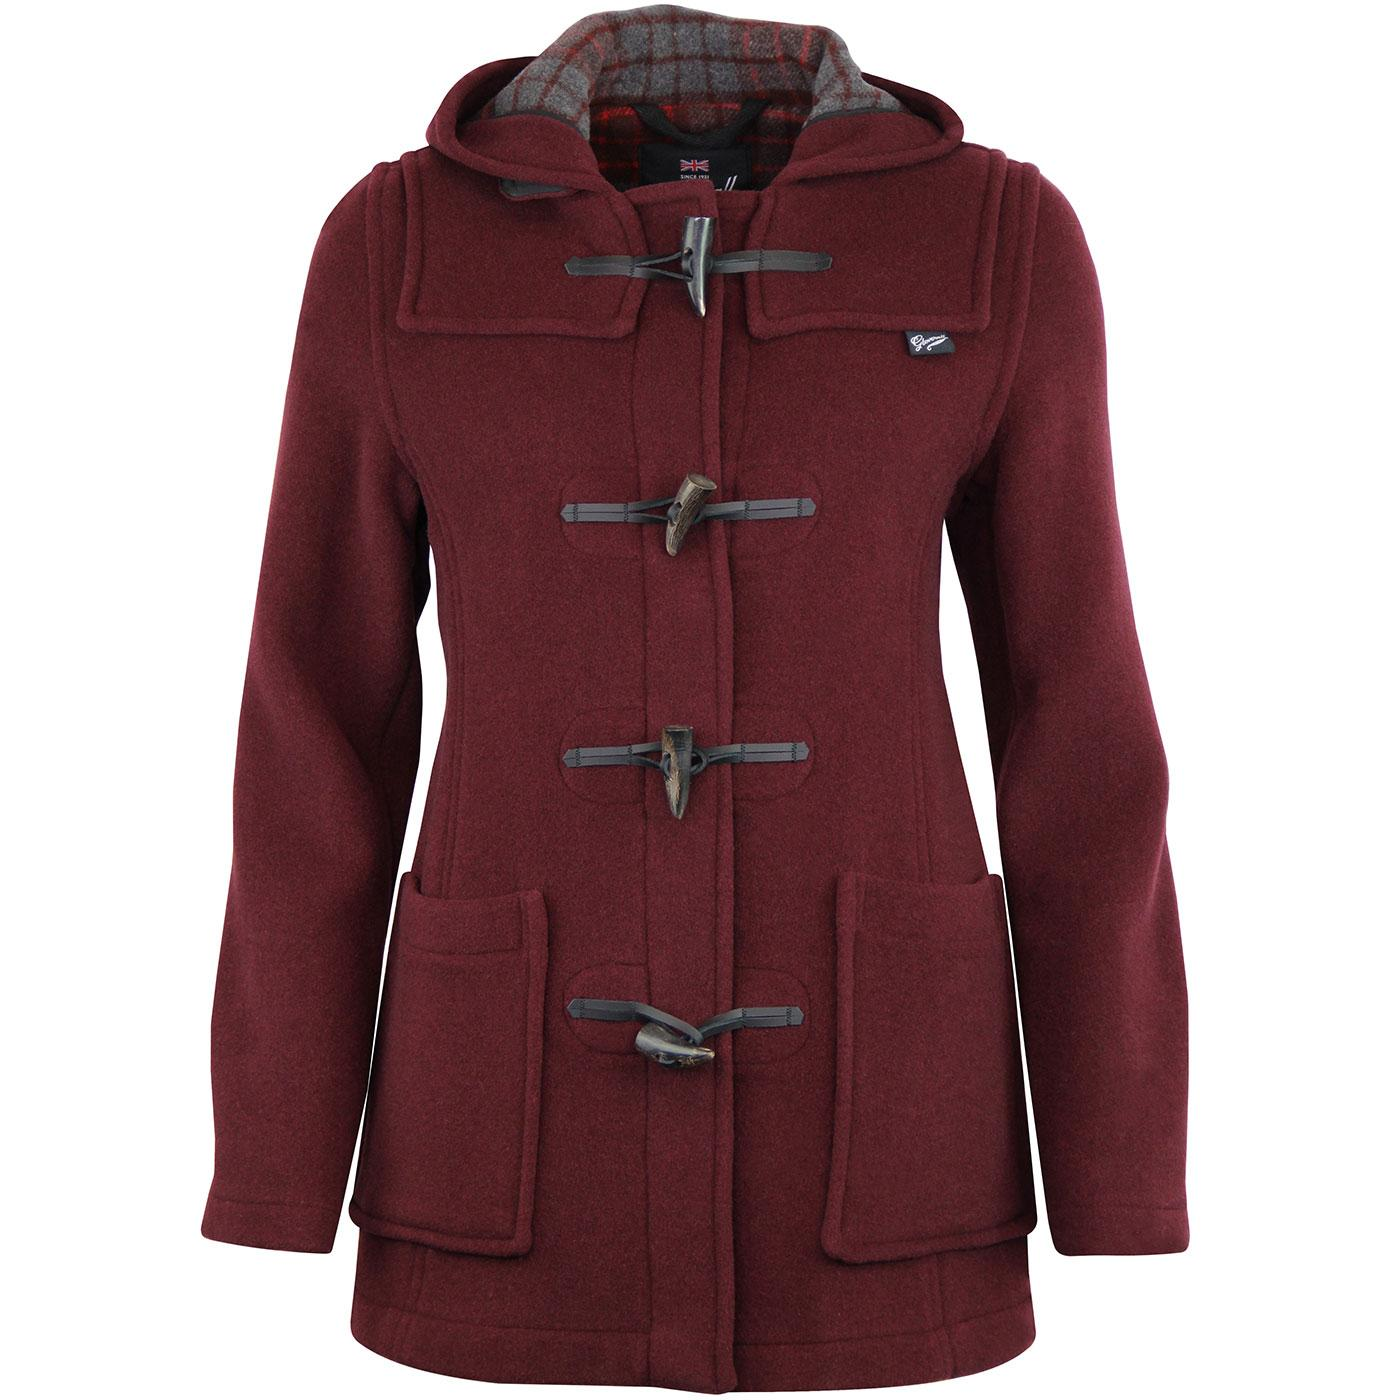 GLOVERALL Women's Short Slim fitted Duffle Coat Bu